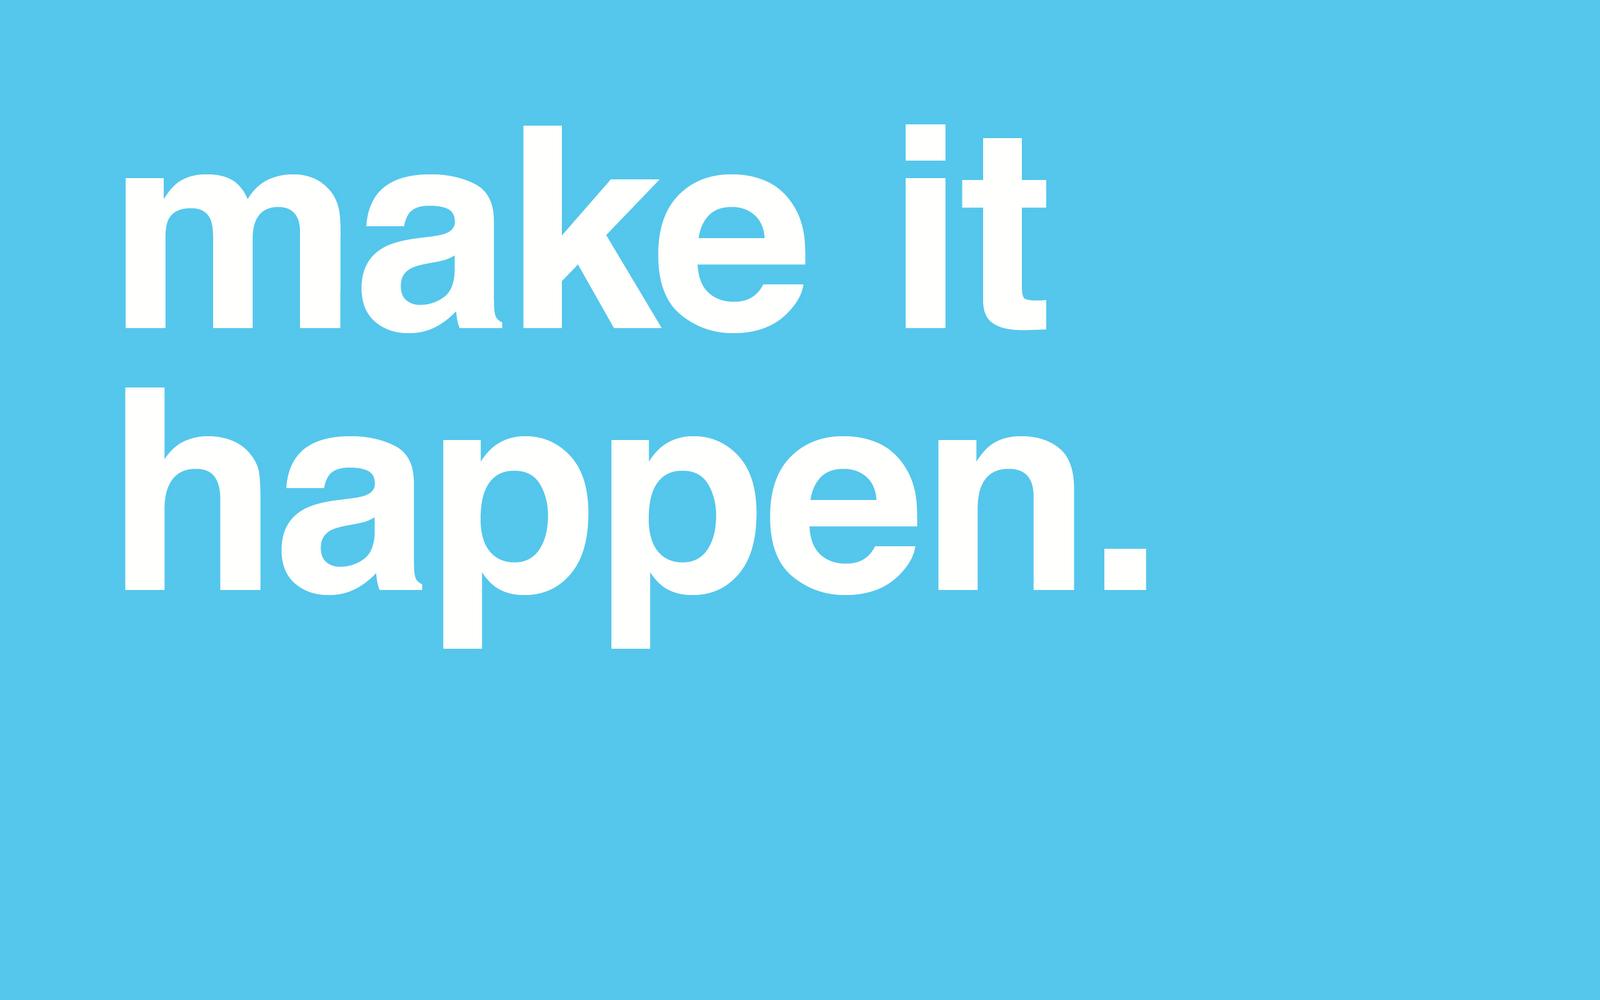 Make It Happen Quotes. QuotesGram